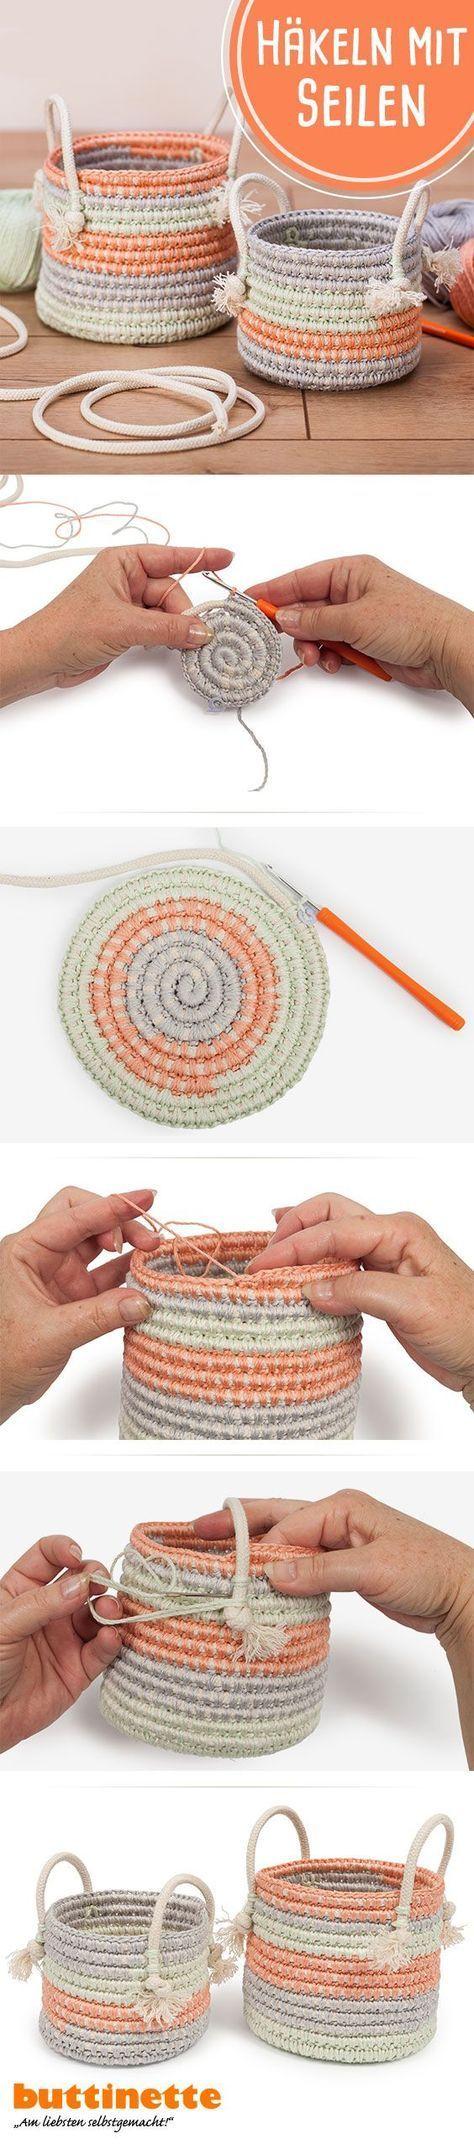 Häkeln mit Seilen #häkeln #Seile #Seilhäkeln #Häkelkörbchen ...